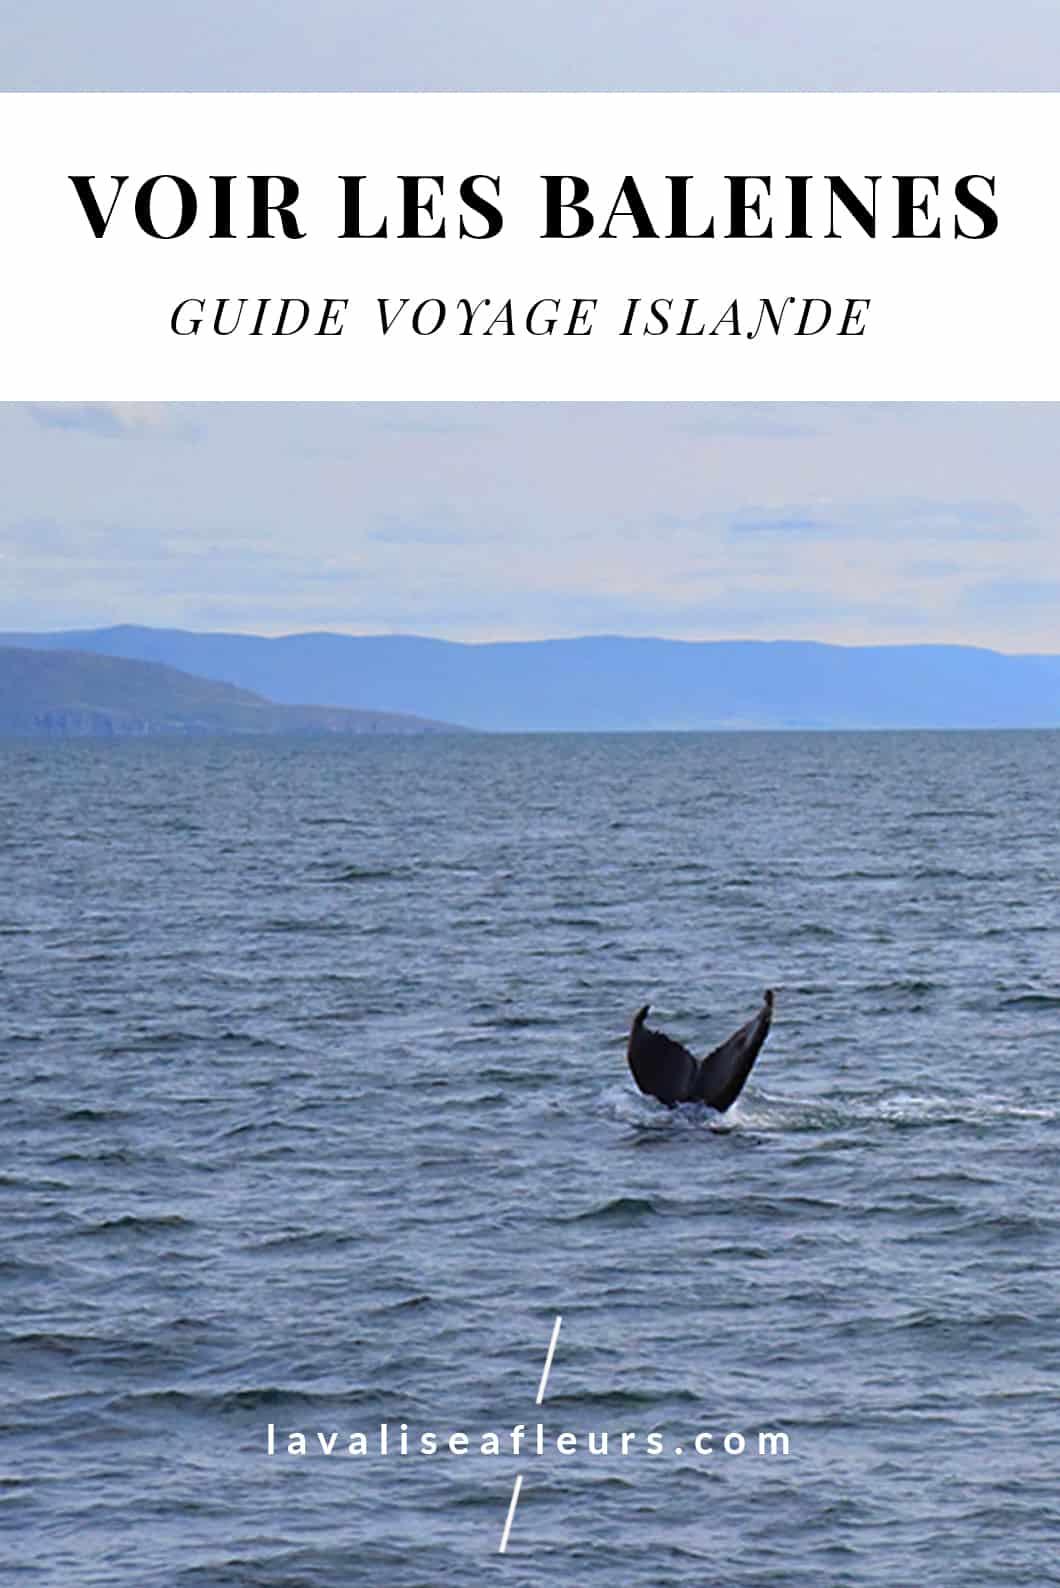 Où voir des baleines en Islande ? Notre guide voyage